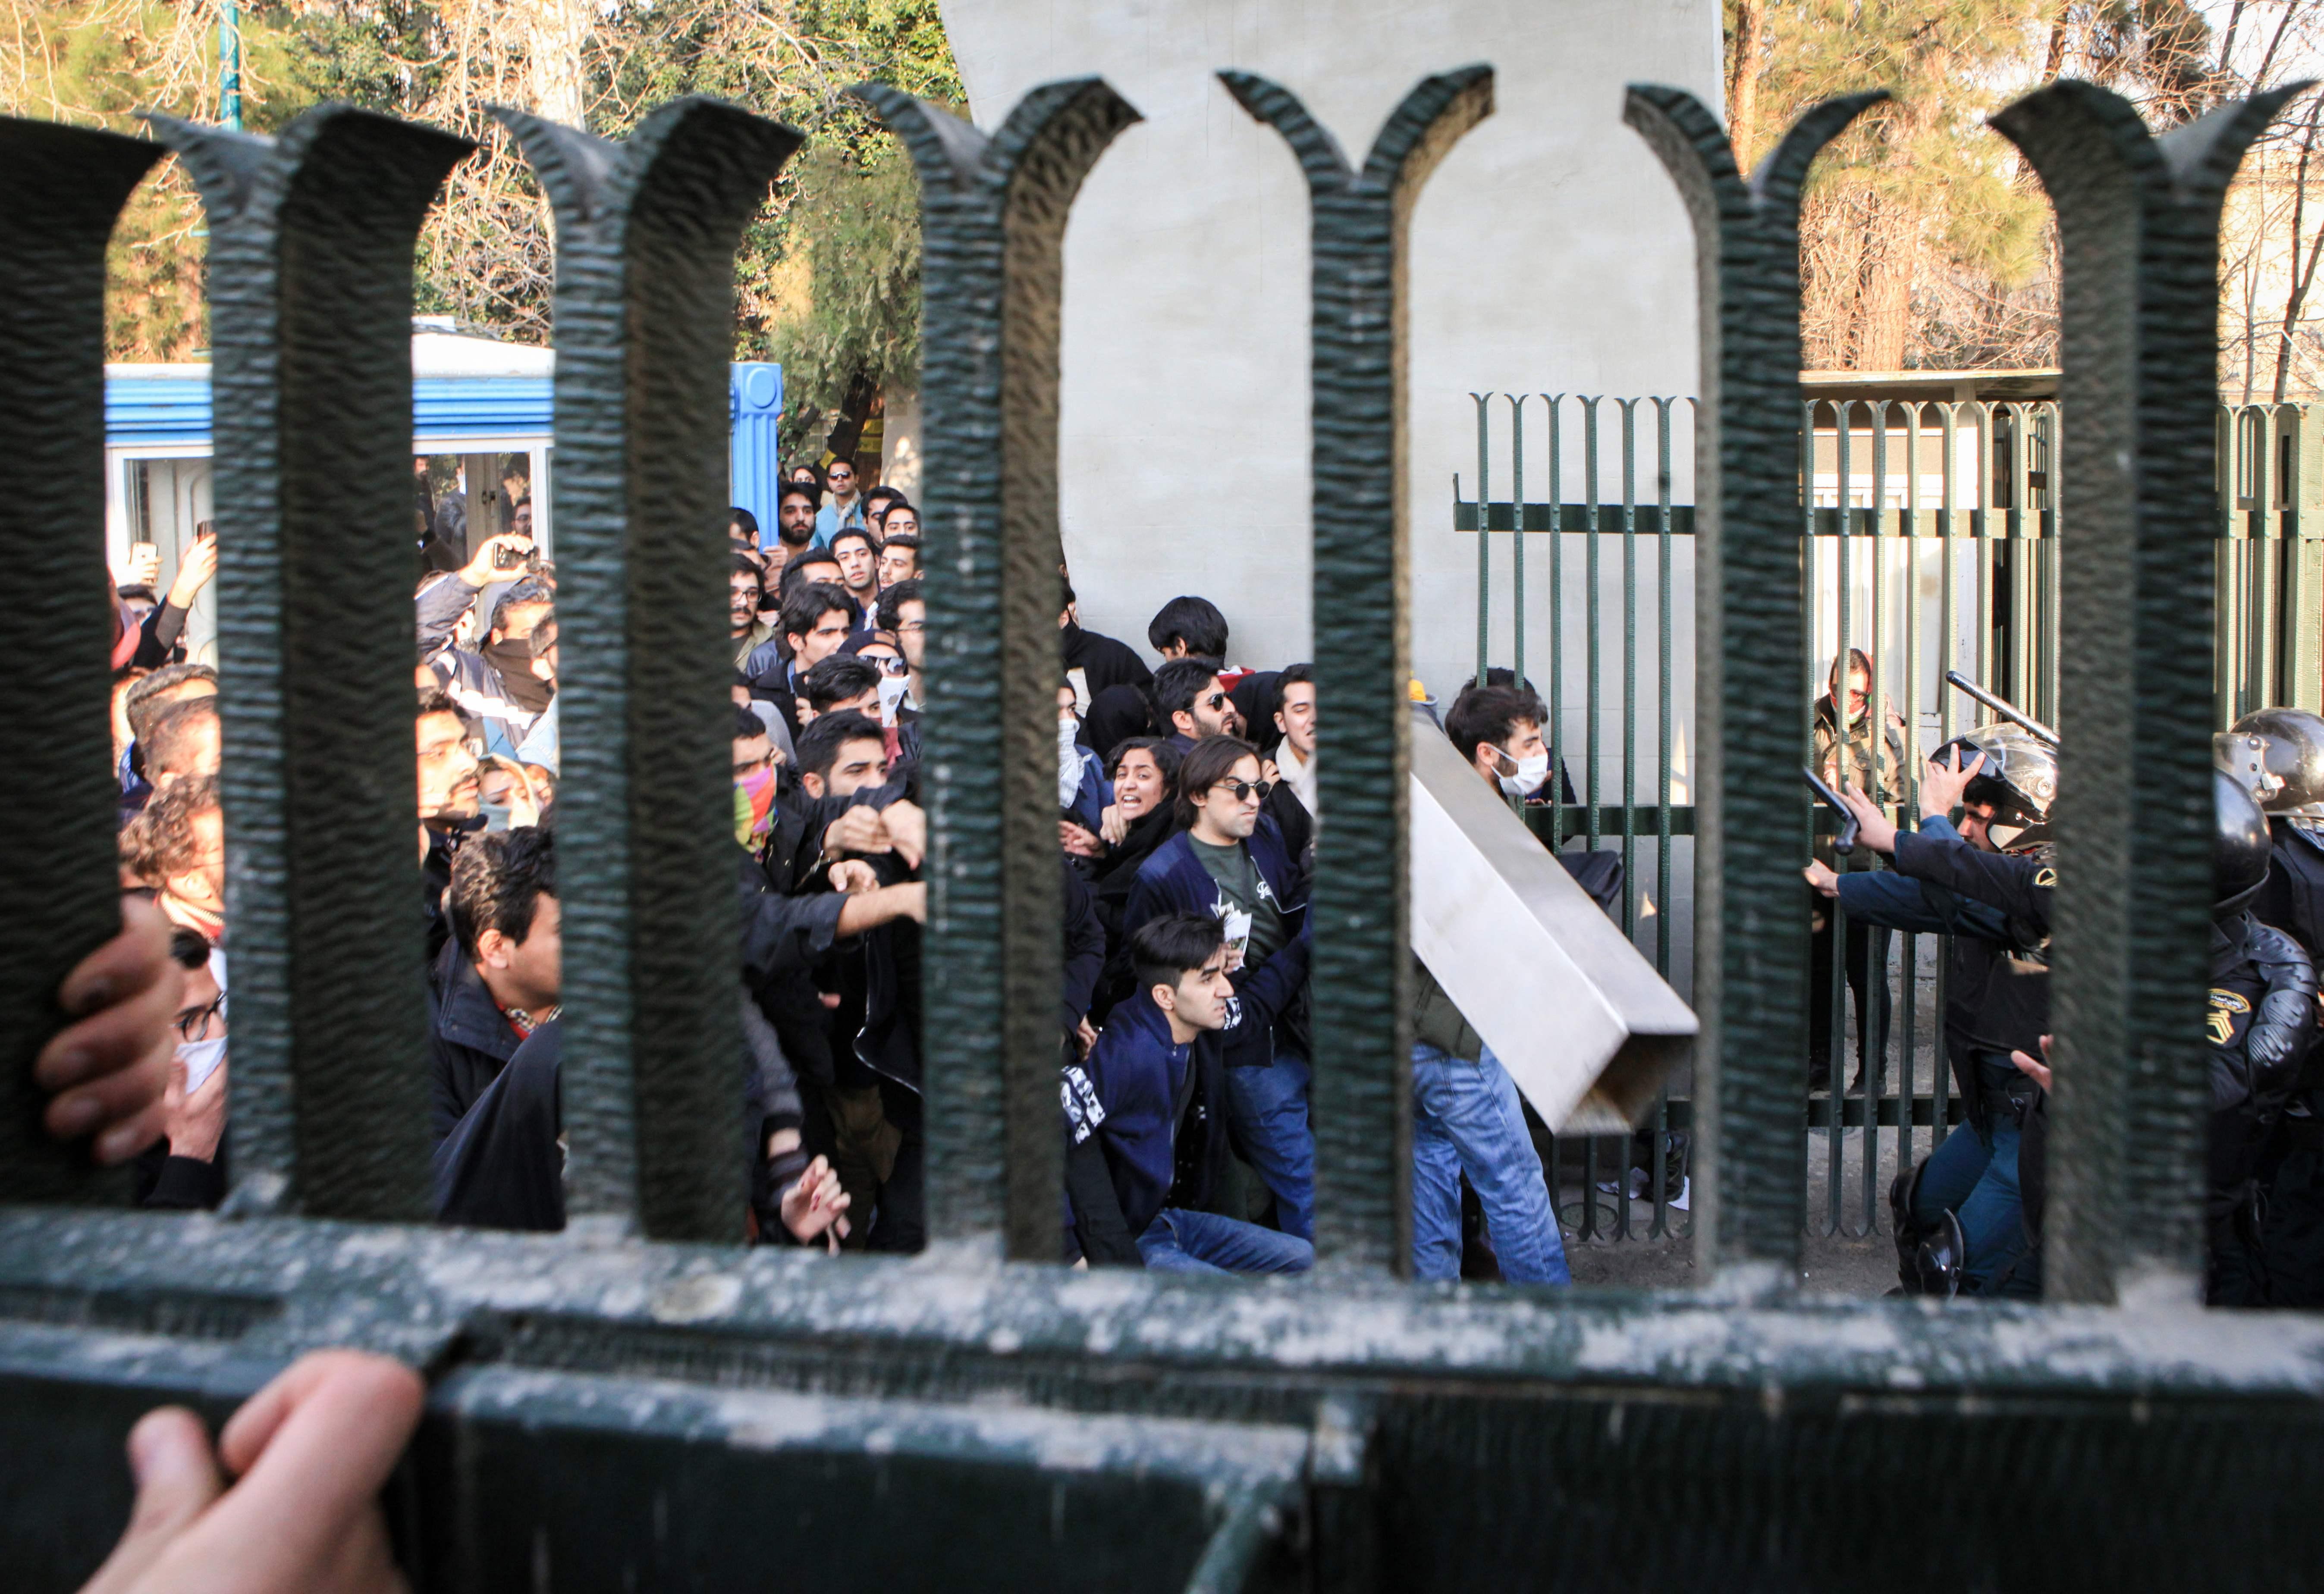 1396150-مواجهات-ساخنة-بين-الشرطة-الإيرانية-ومجتجين